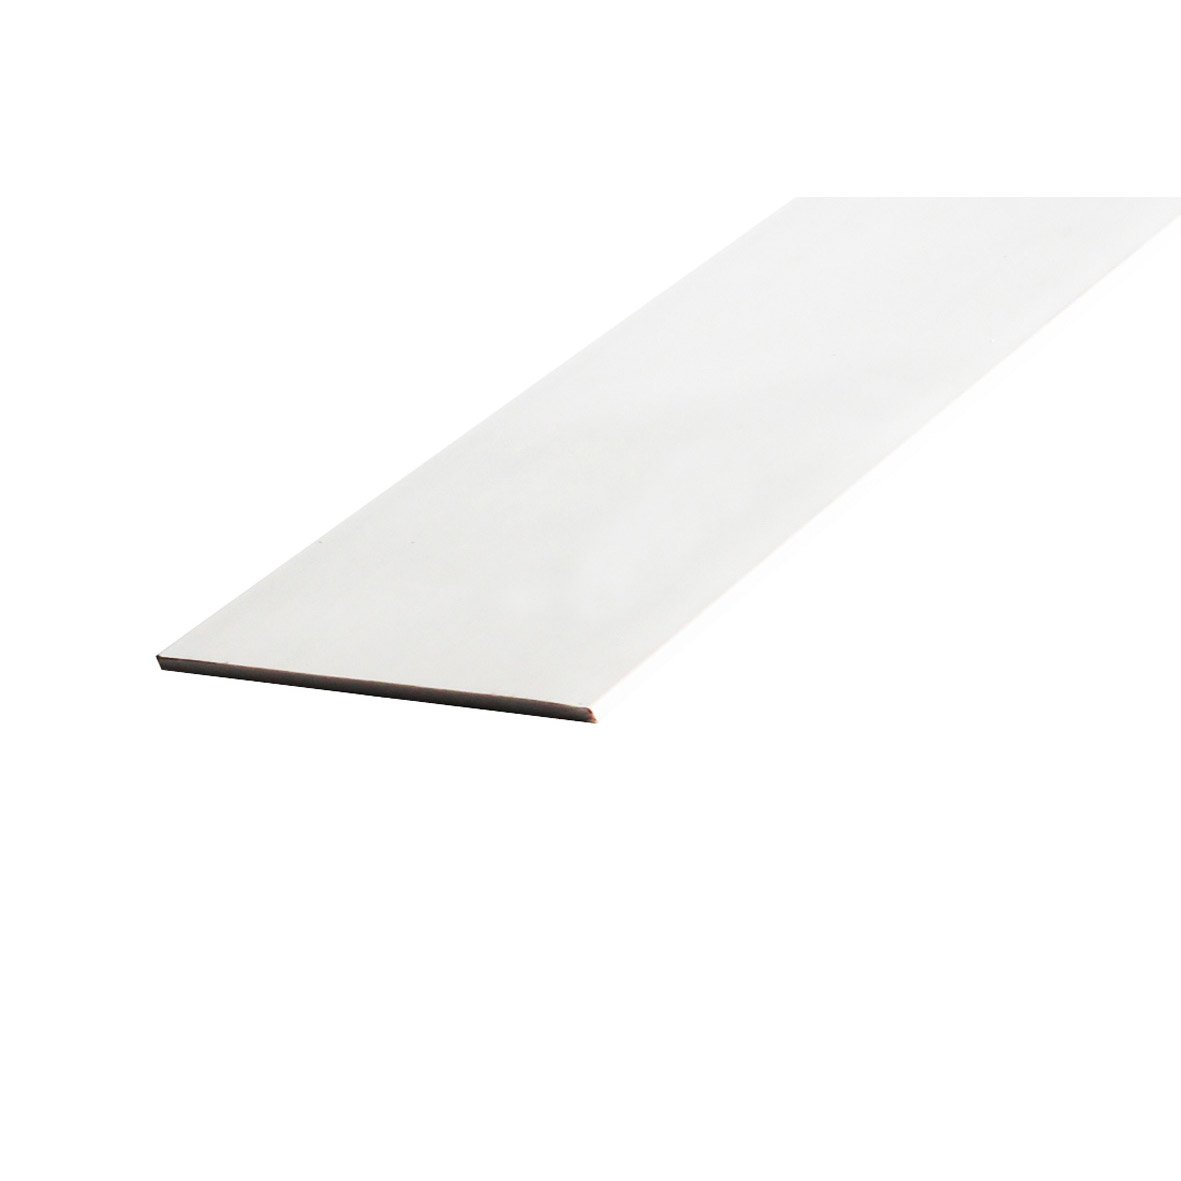 Champlat En Pvc Blanc 60 X 2 Mm L 260 M